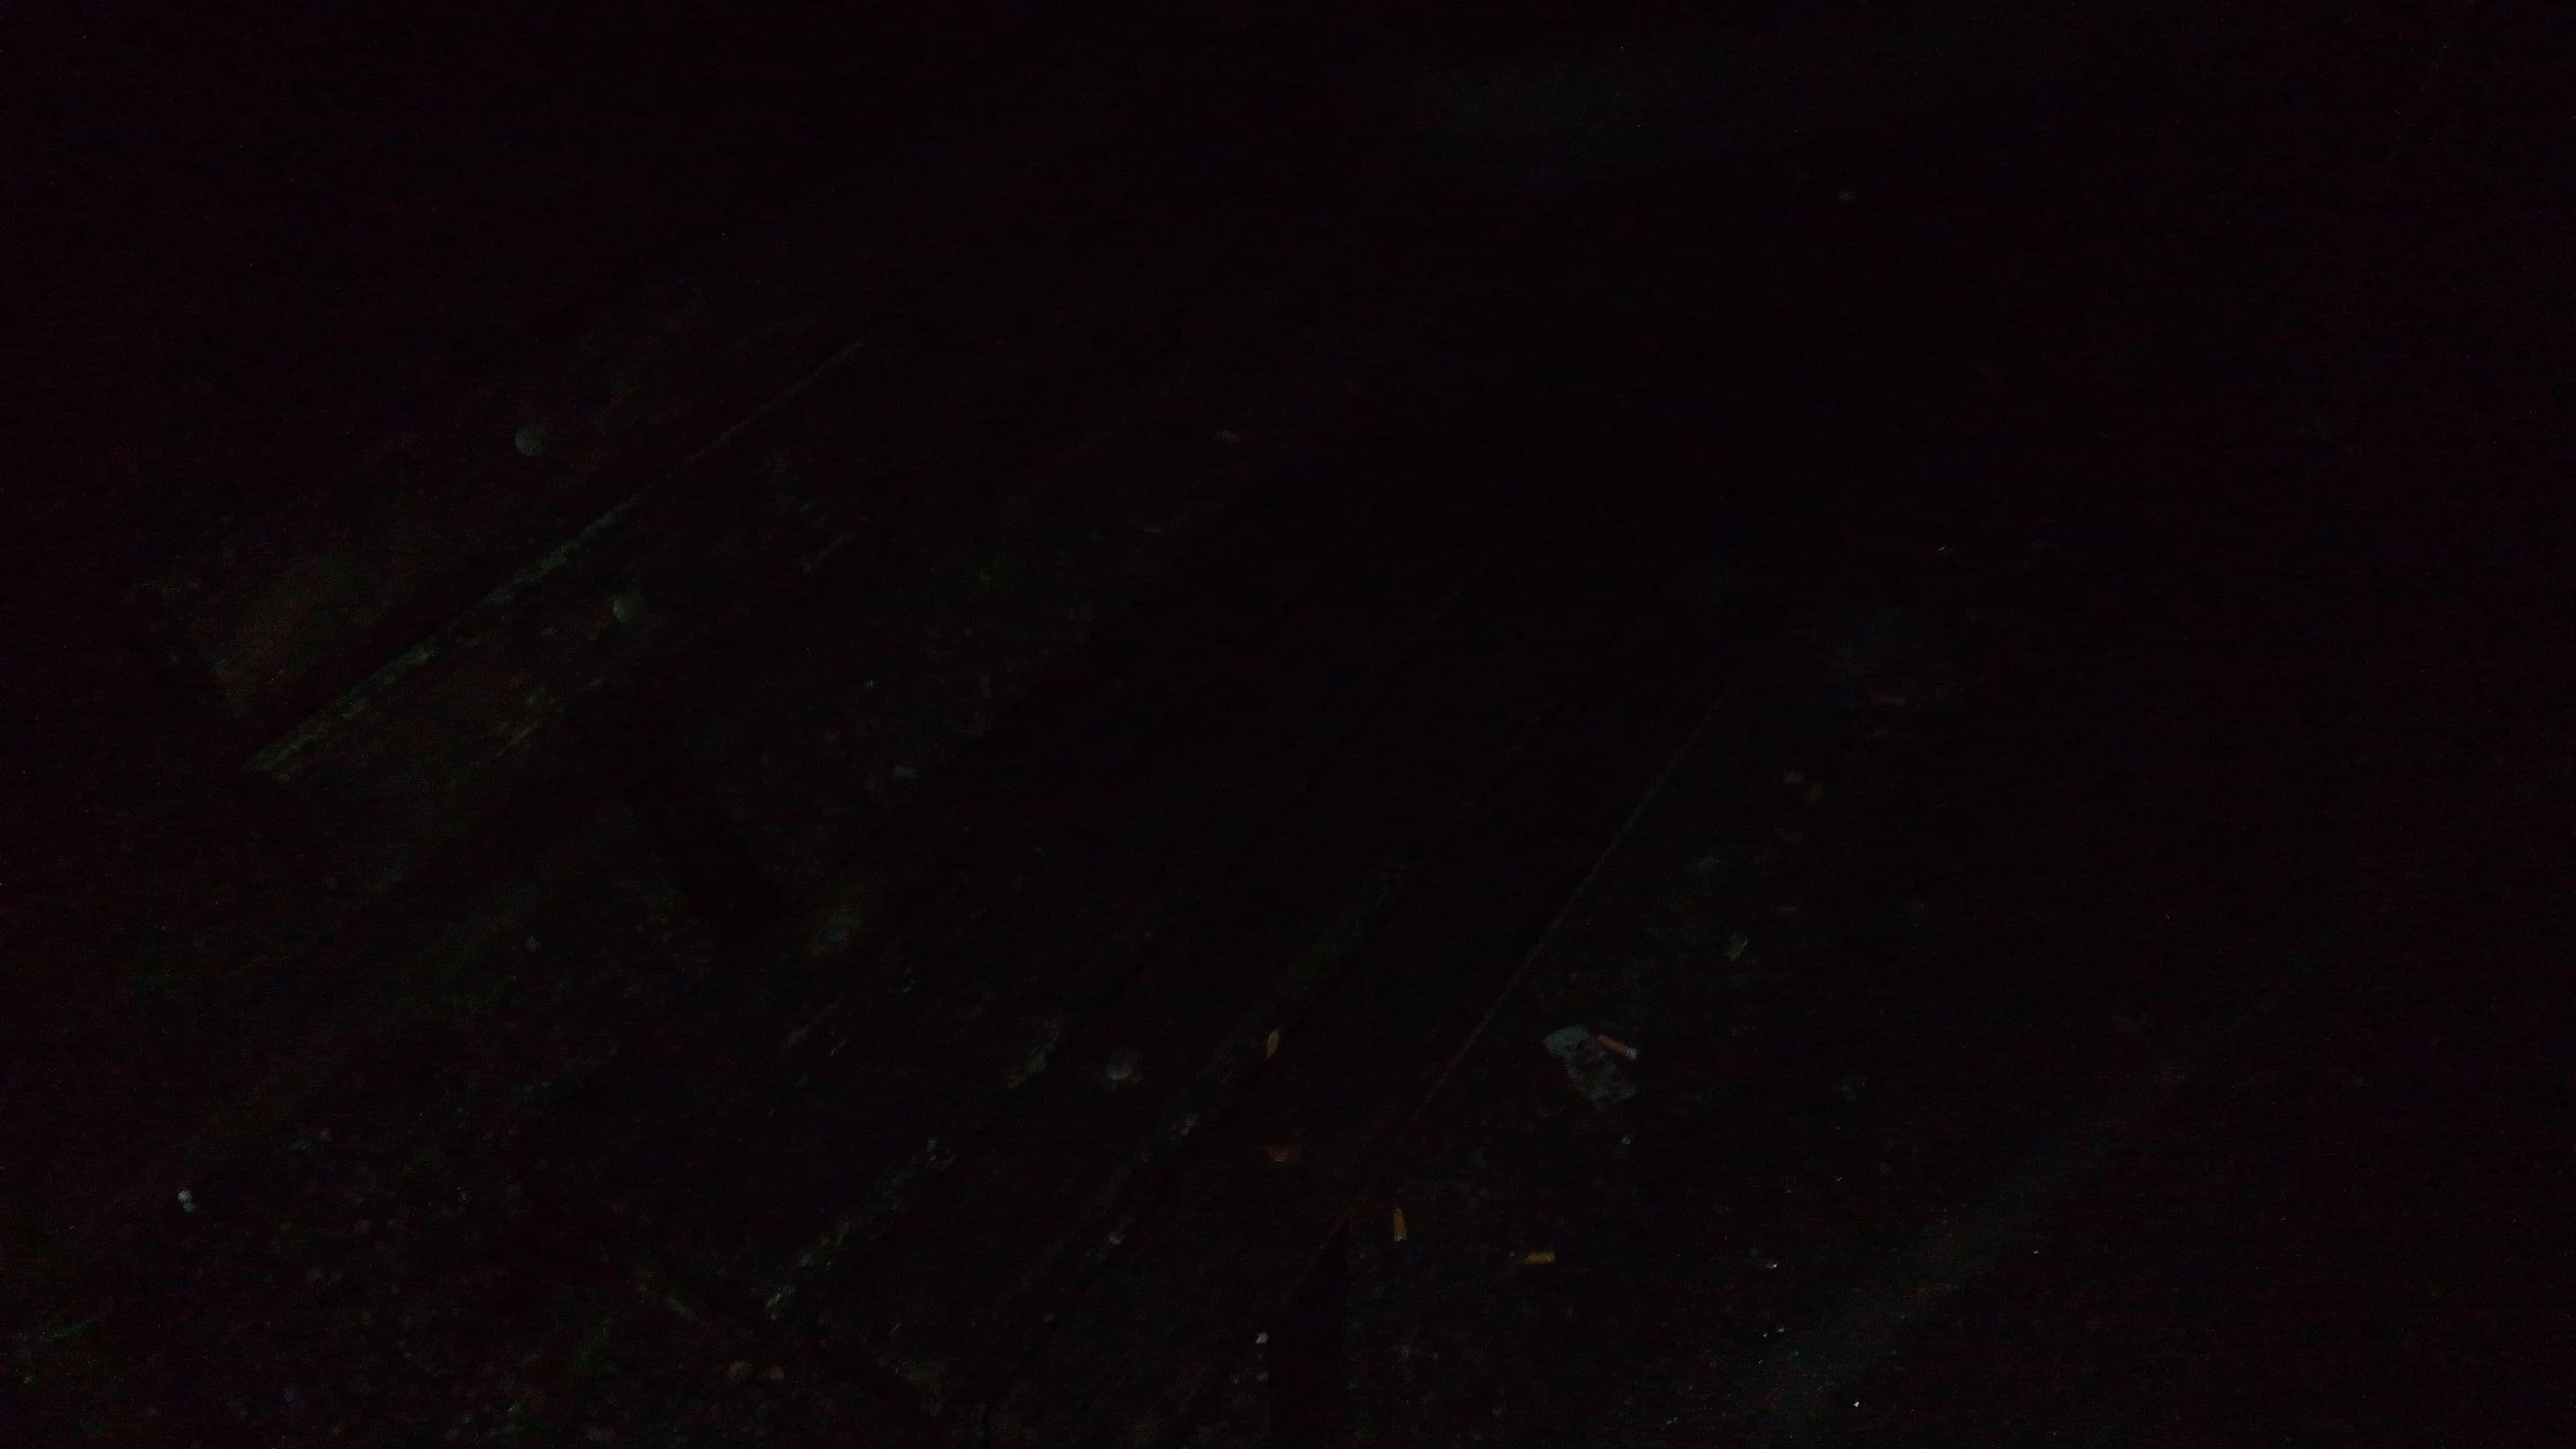 Ulefone Camera Sample Auto Dark Flash 15